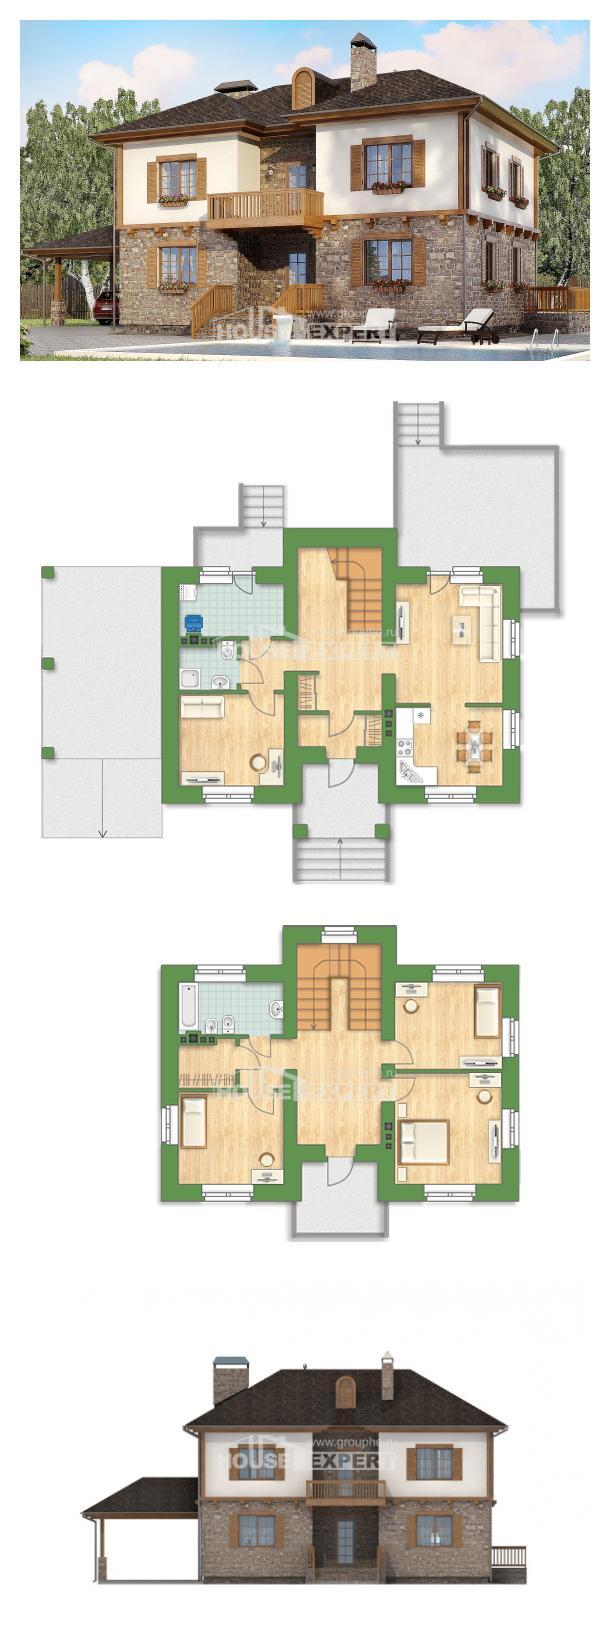 Plan 155-006-L   House Expert